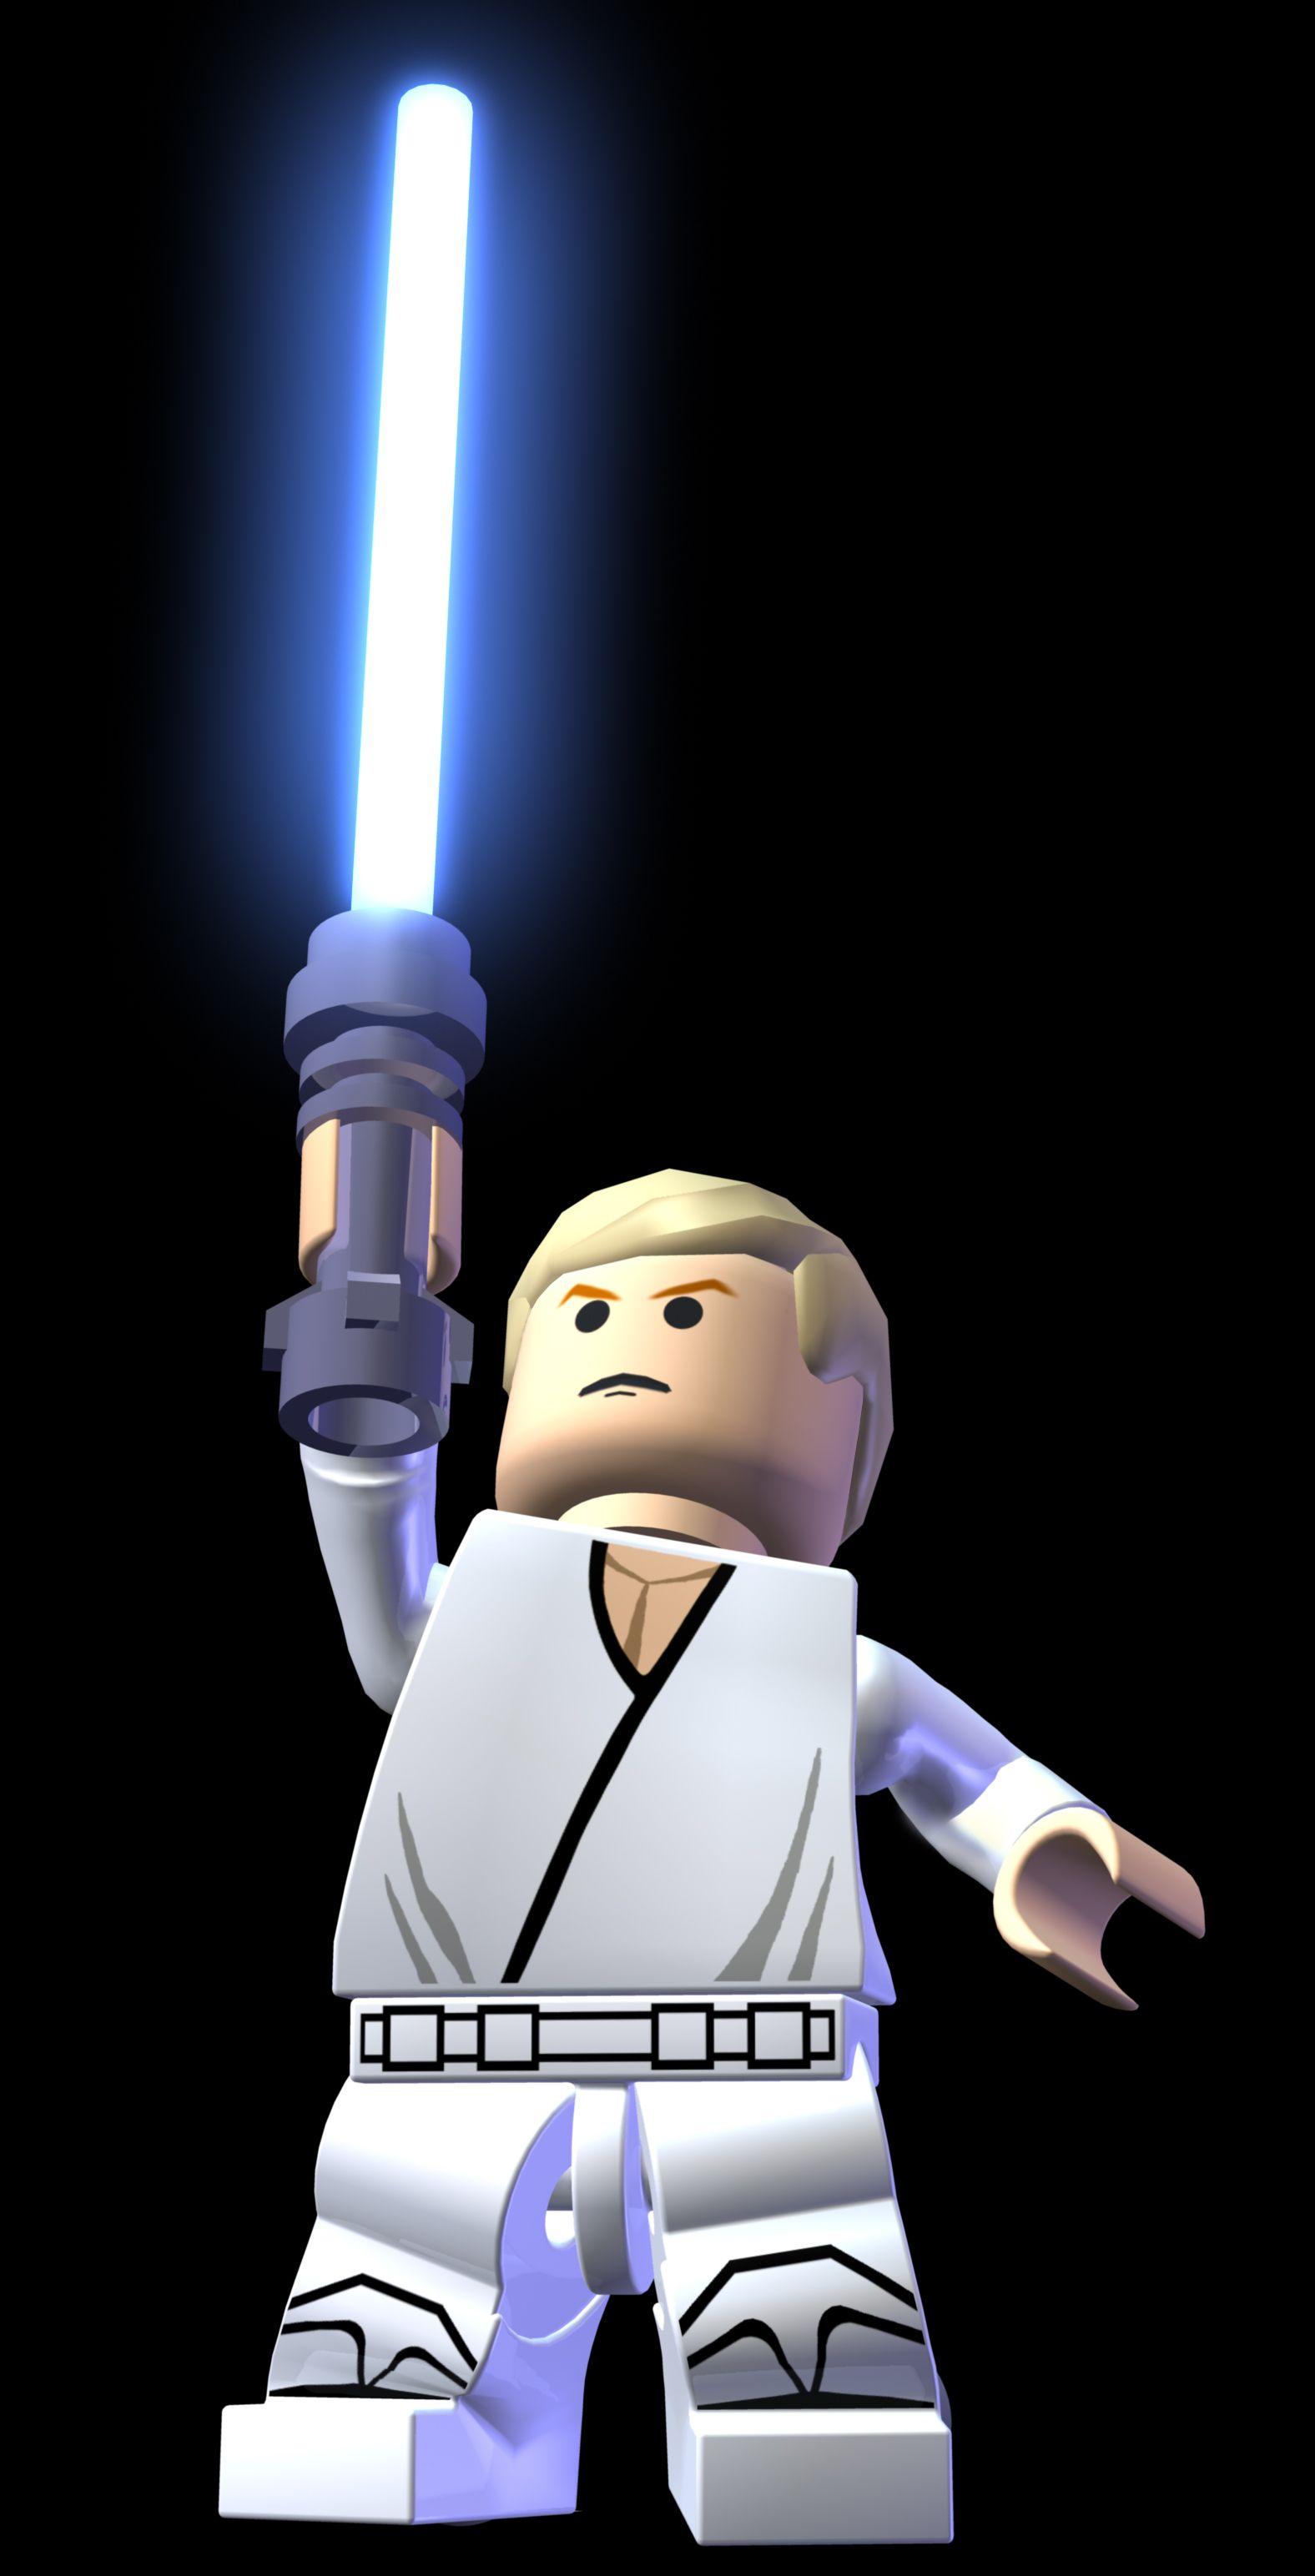 Luke Skywalker Wookieepedia The Star Wars Wiki Lego Star Wars Lego Wallpaper Star Wars Pictures